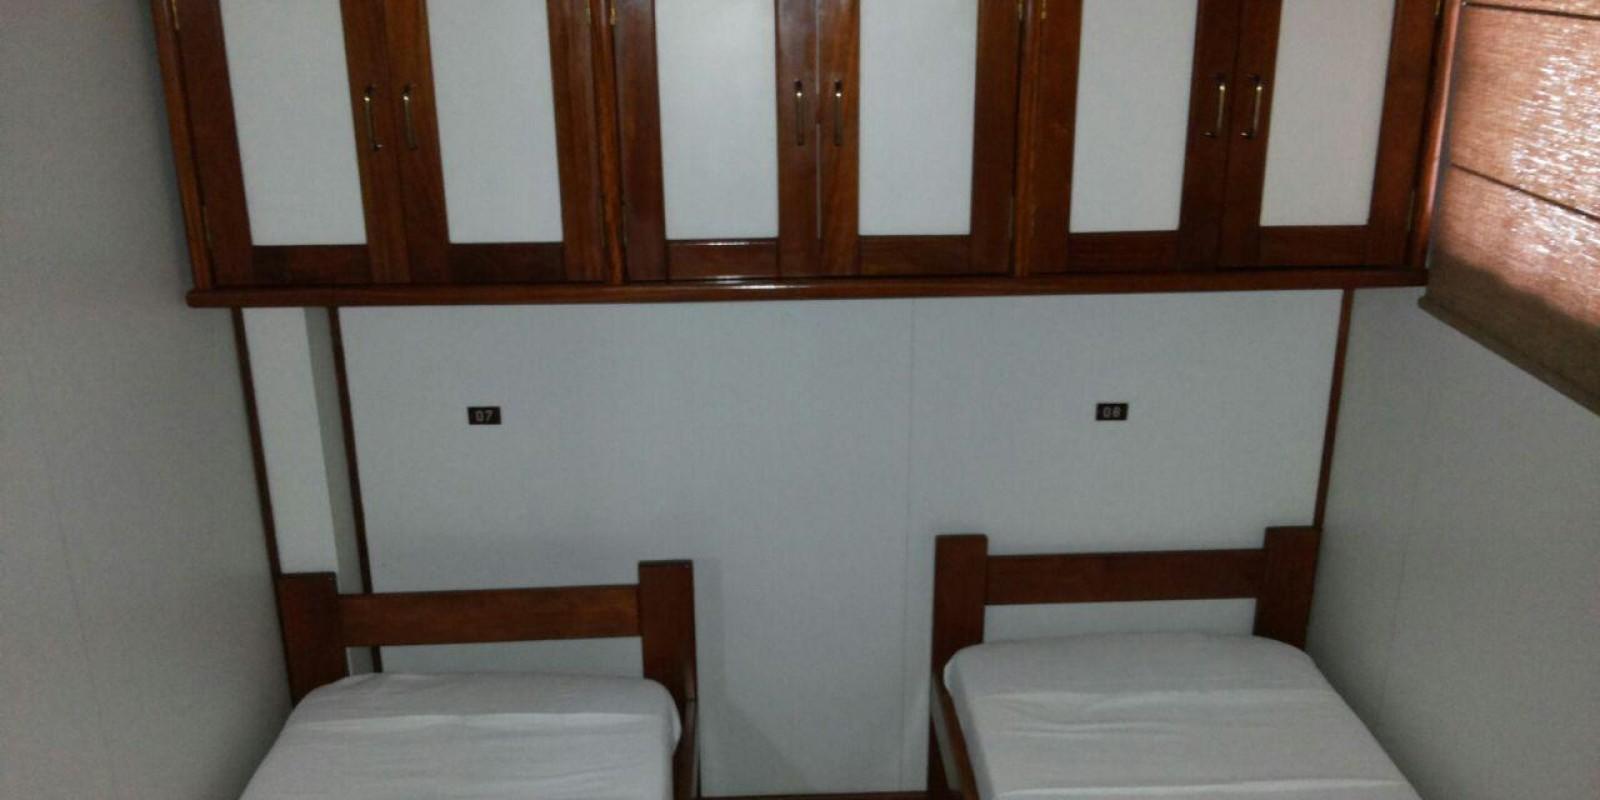 BARCO HOTEL AKAIA / CORUMBA - Foto 10 de 24